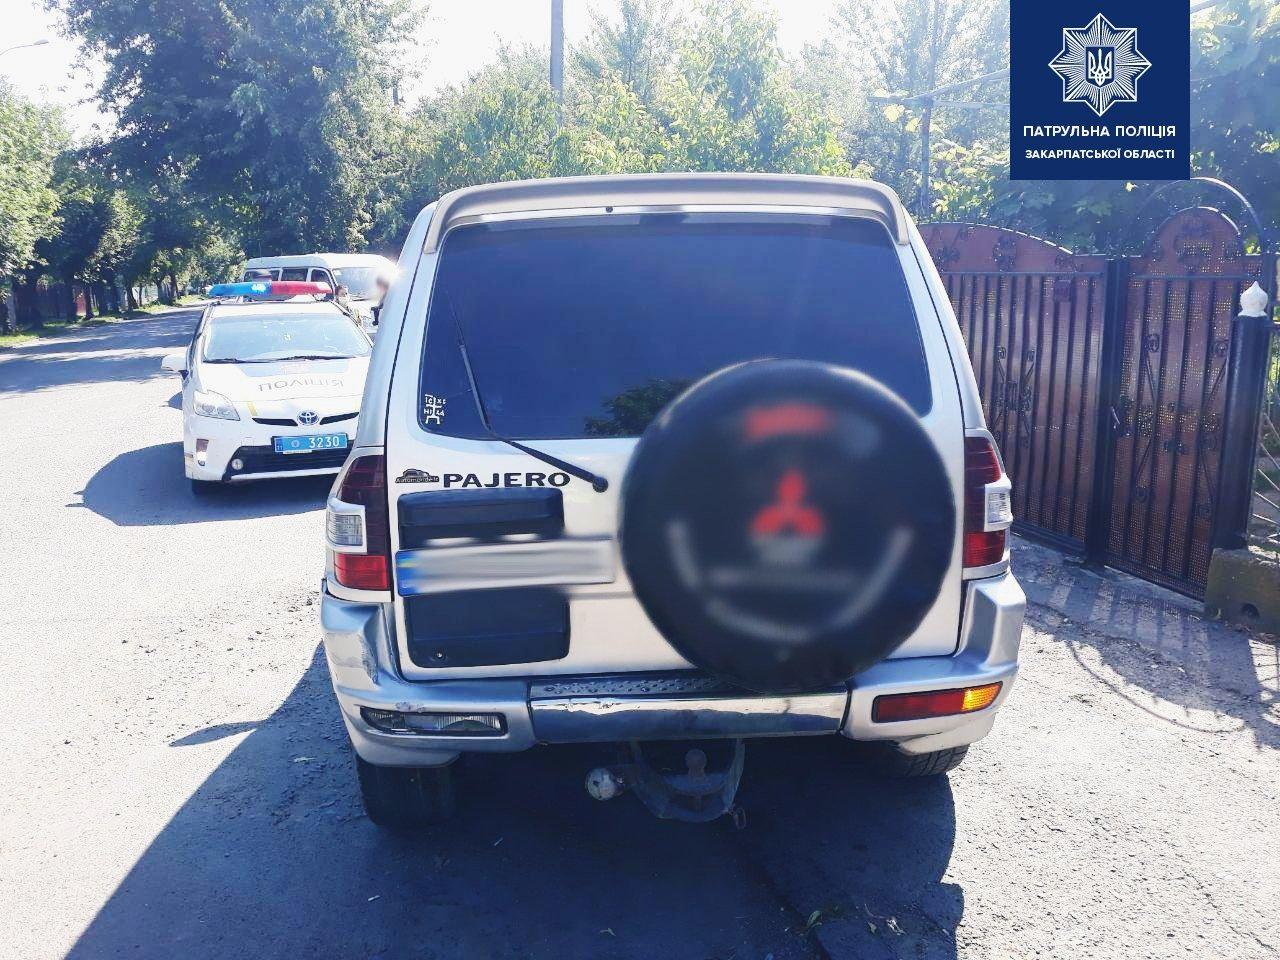 В Ужгороді п'яний водій намагався відкупитися від патрульної поліції хабарем (ФОТО), фото-2